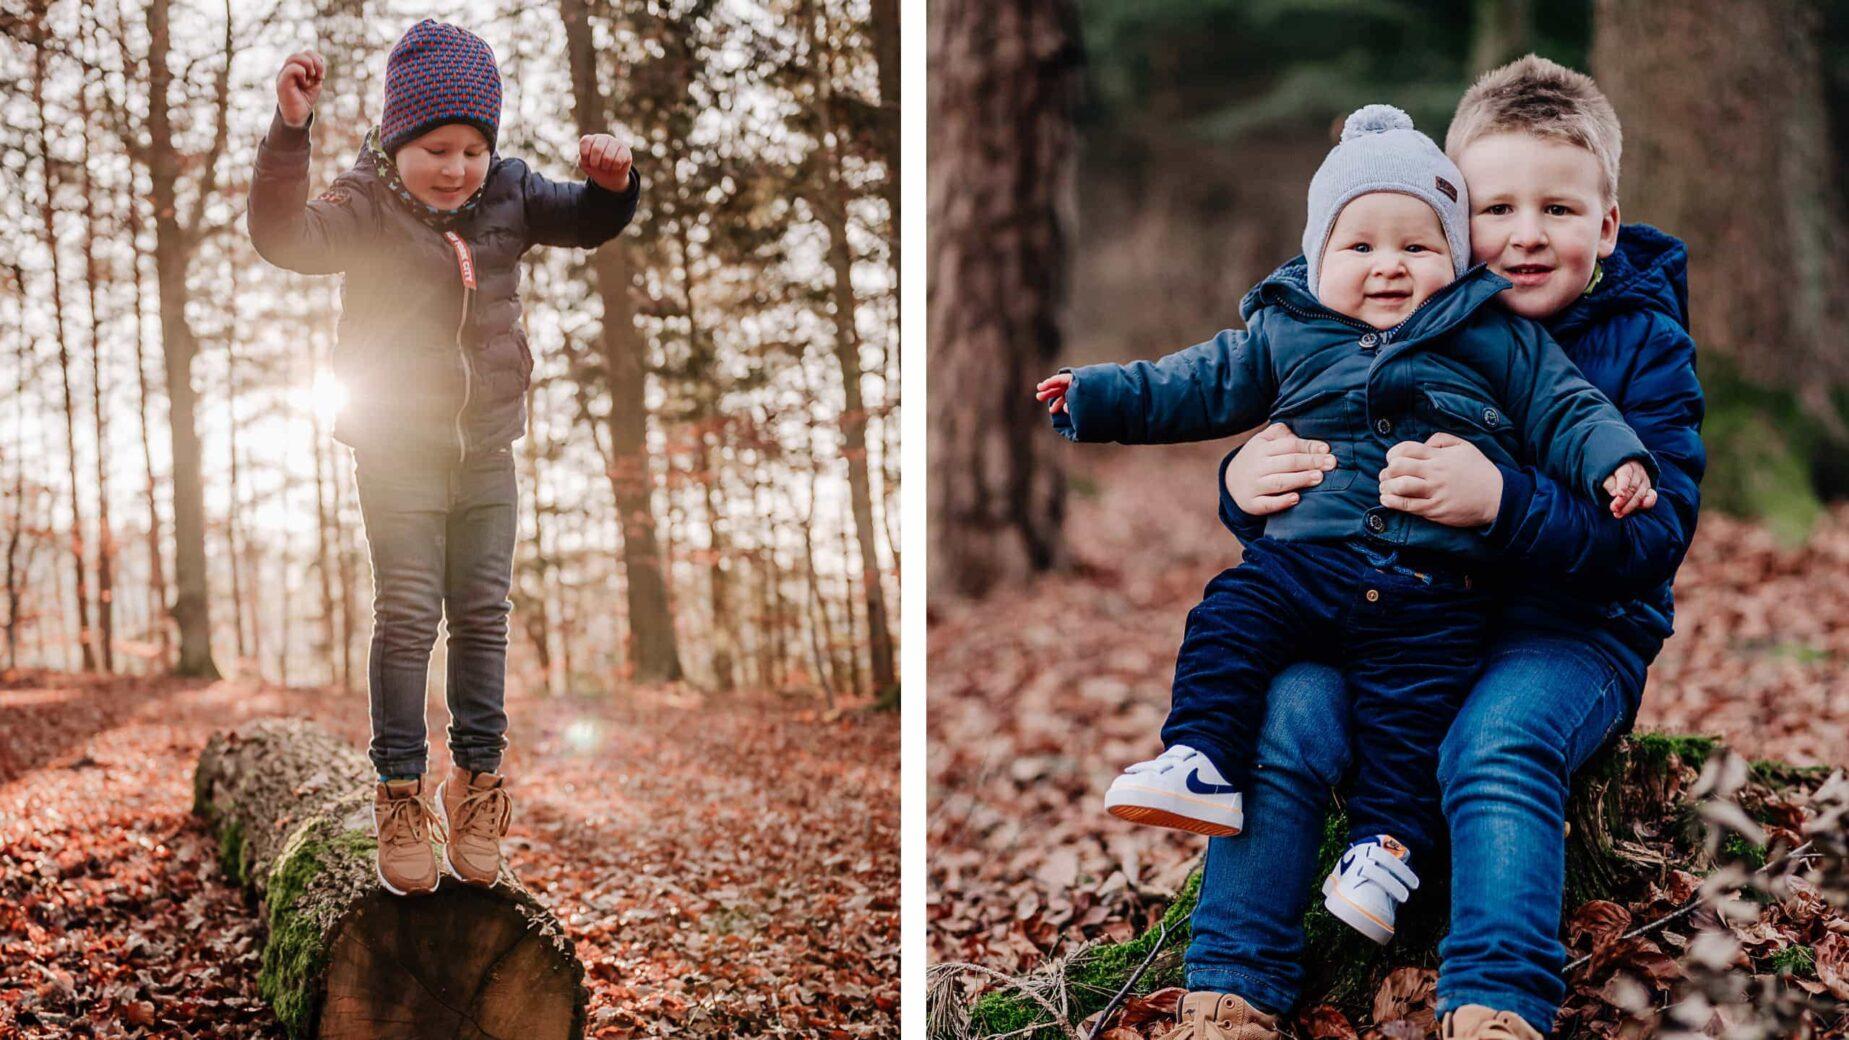 Moderne und lebendige Familienfotografie im Großraum München und Ingolstadt von Jung und Wild design - Herbstshooting im Laub